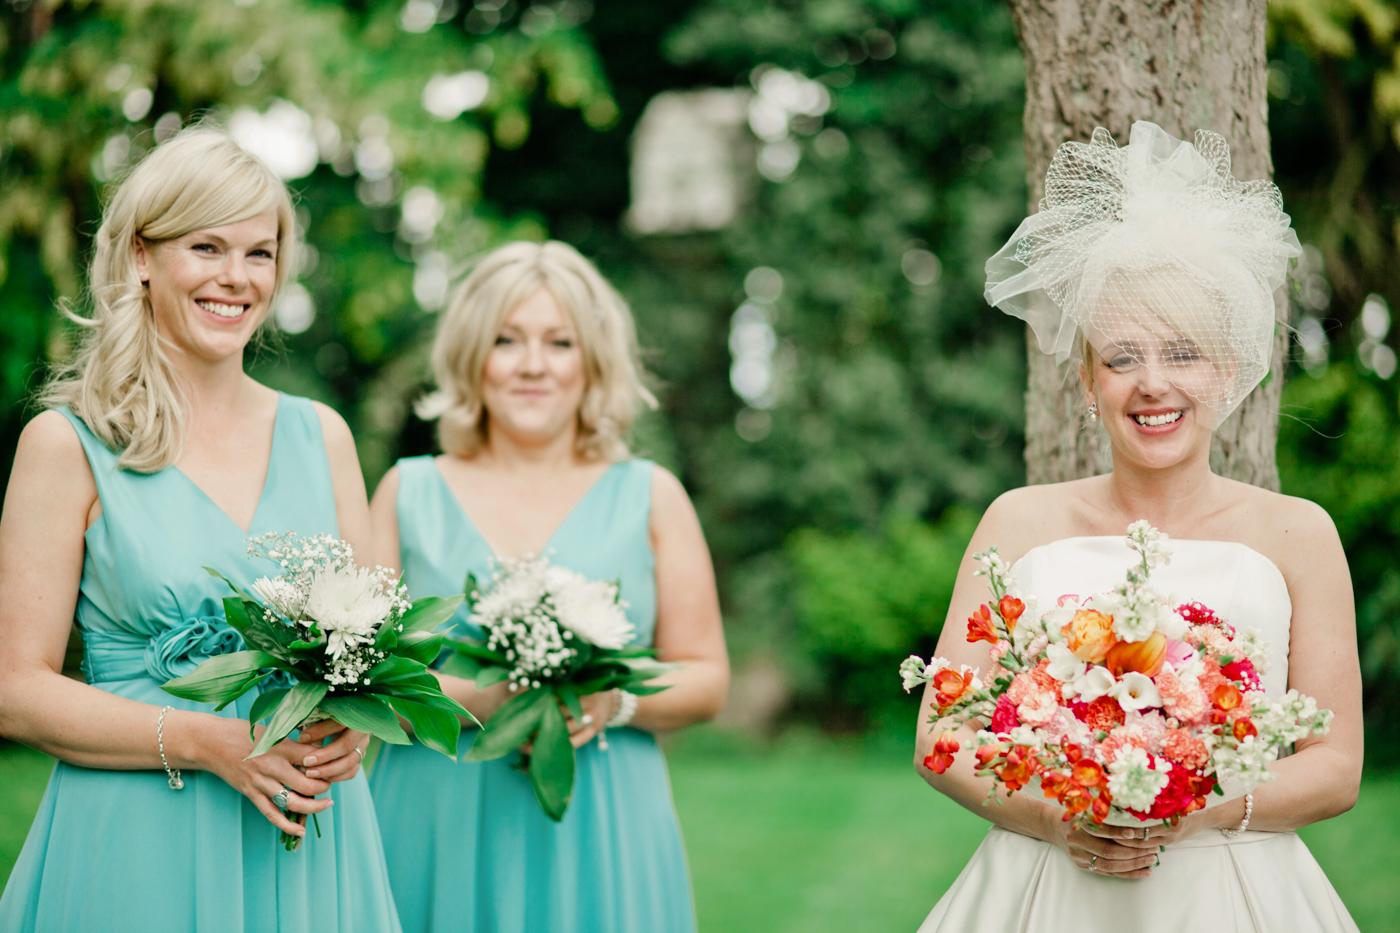 199 Keedy and Carl at The Secret Garden in Retford  - Wedding Photography by Mark Pugh www.markpugh.com_.jpg